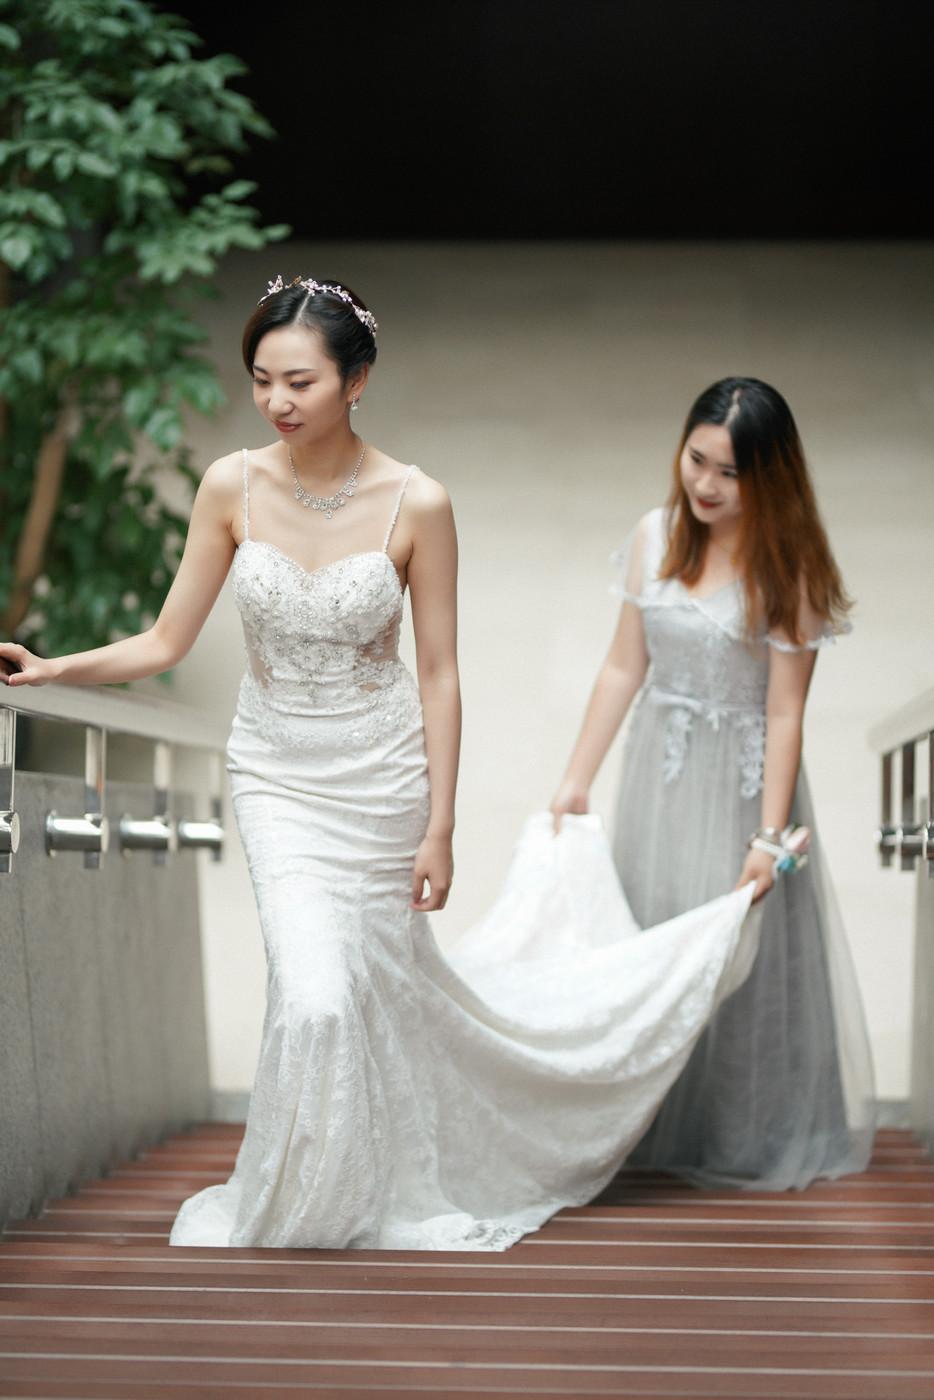 【KAI 婚礼纪实】P&S 南京婚礼38